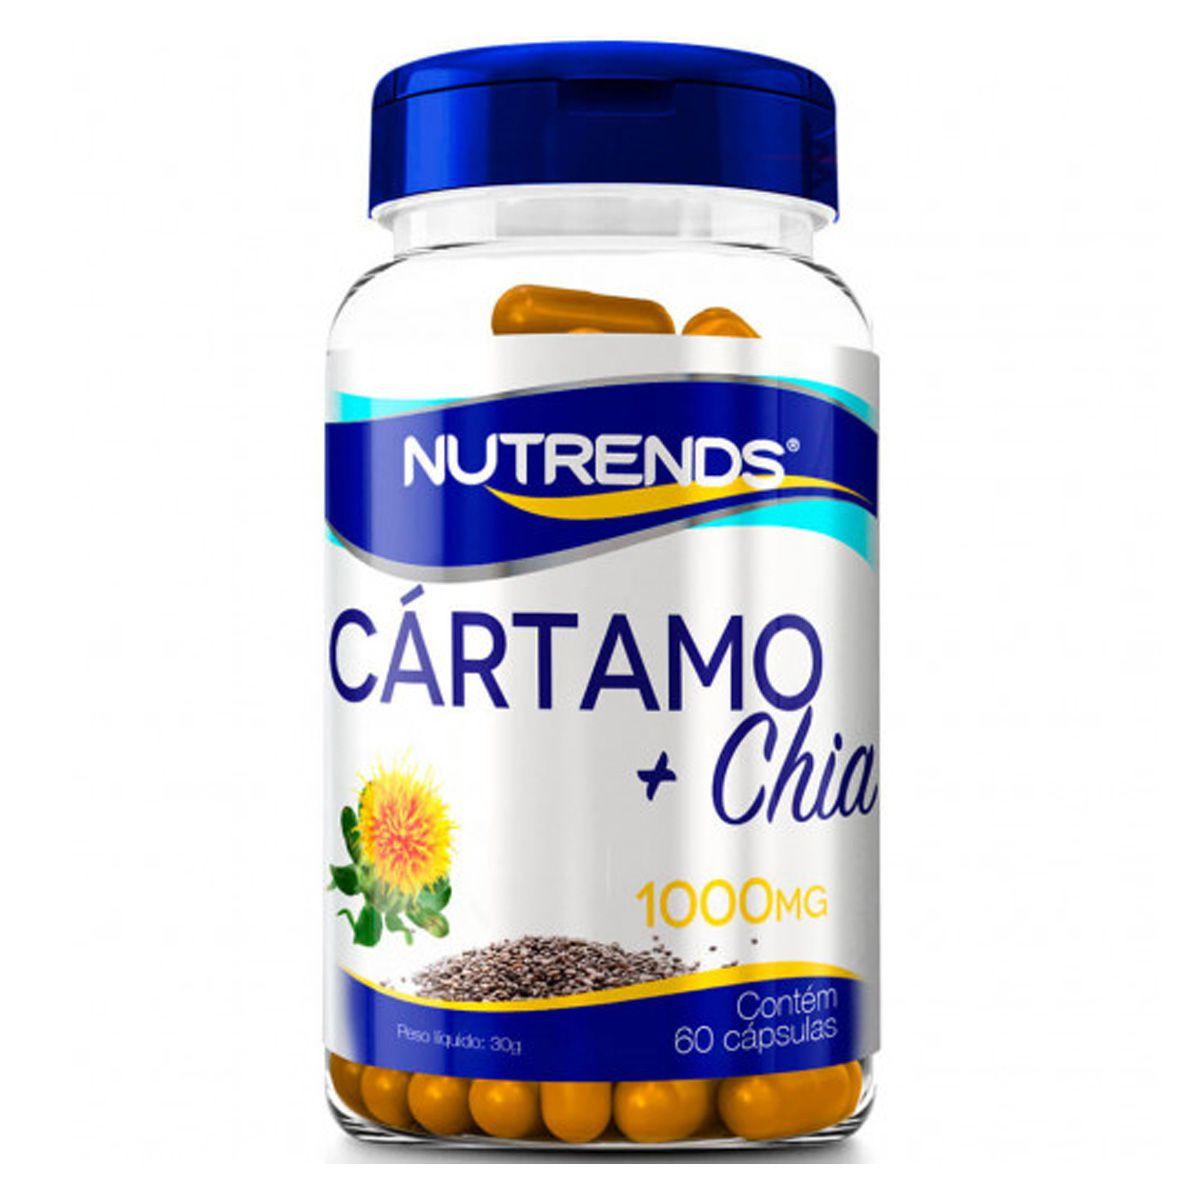 Óleo de Cartamo + Chia 1000mg 60 cápsulas - Nutrends